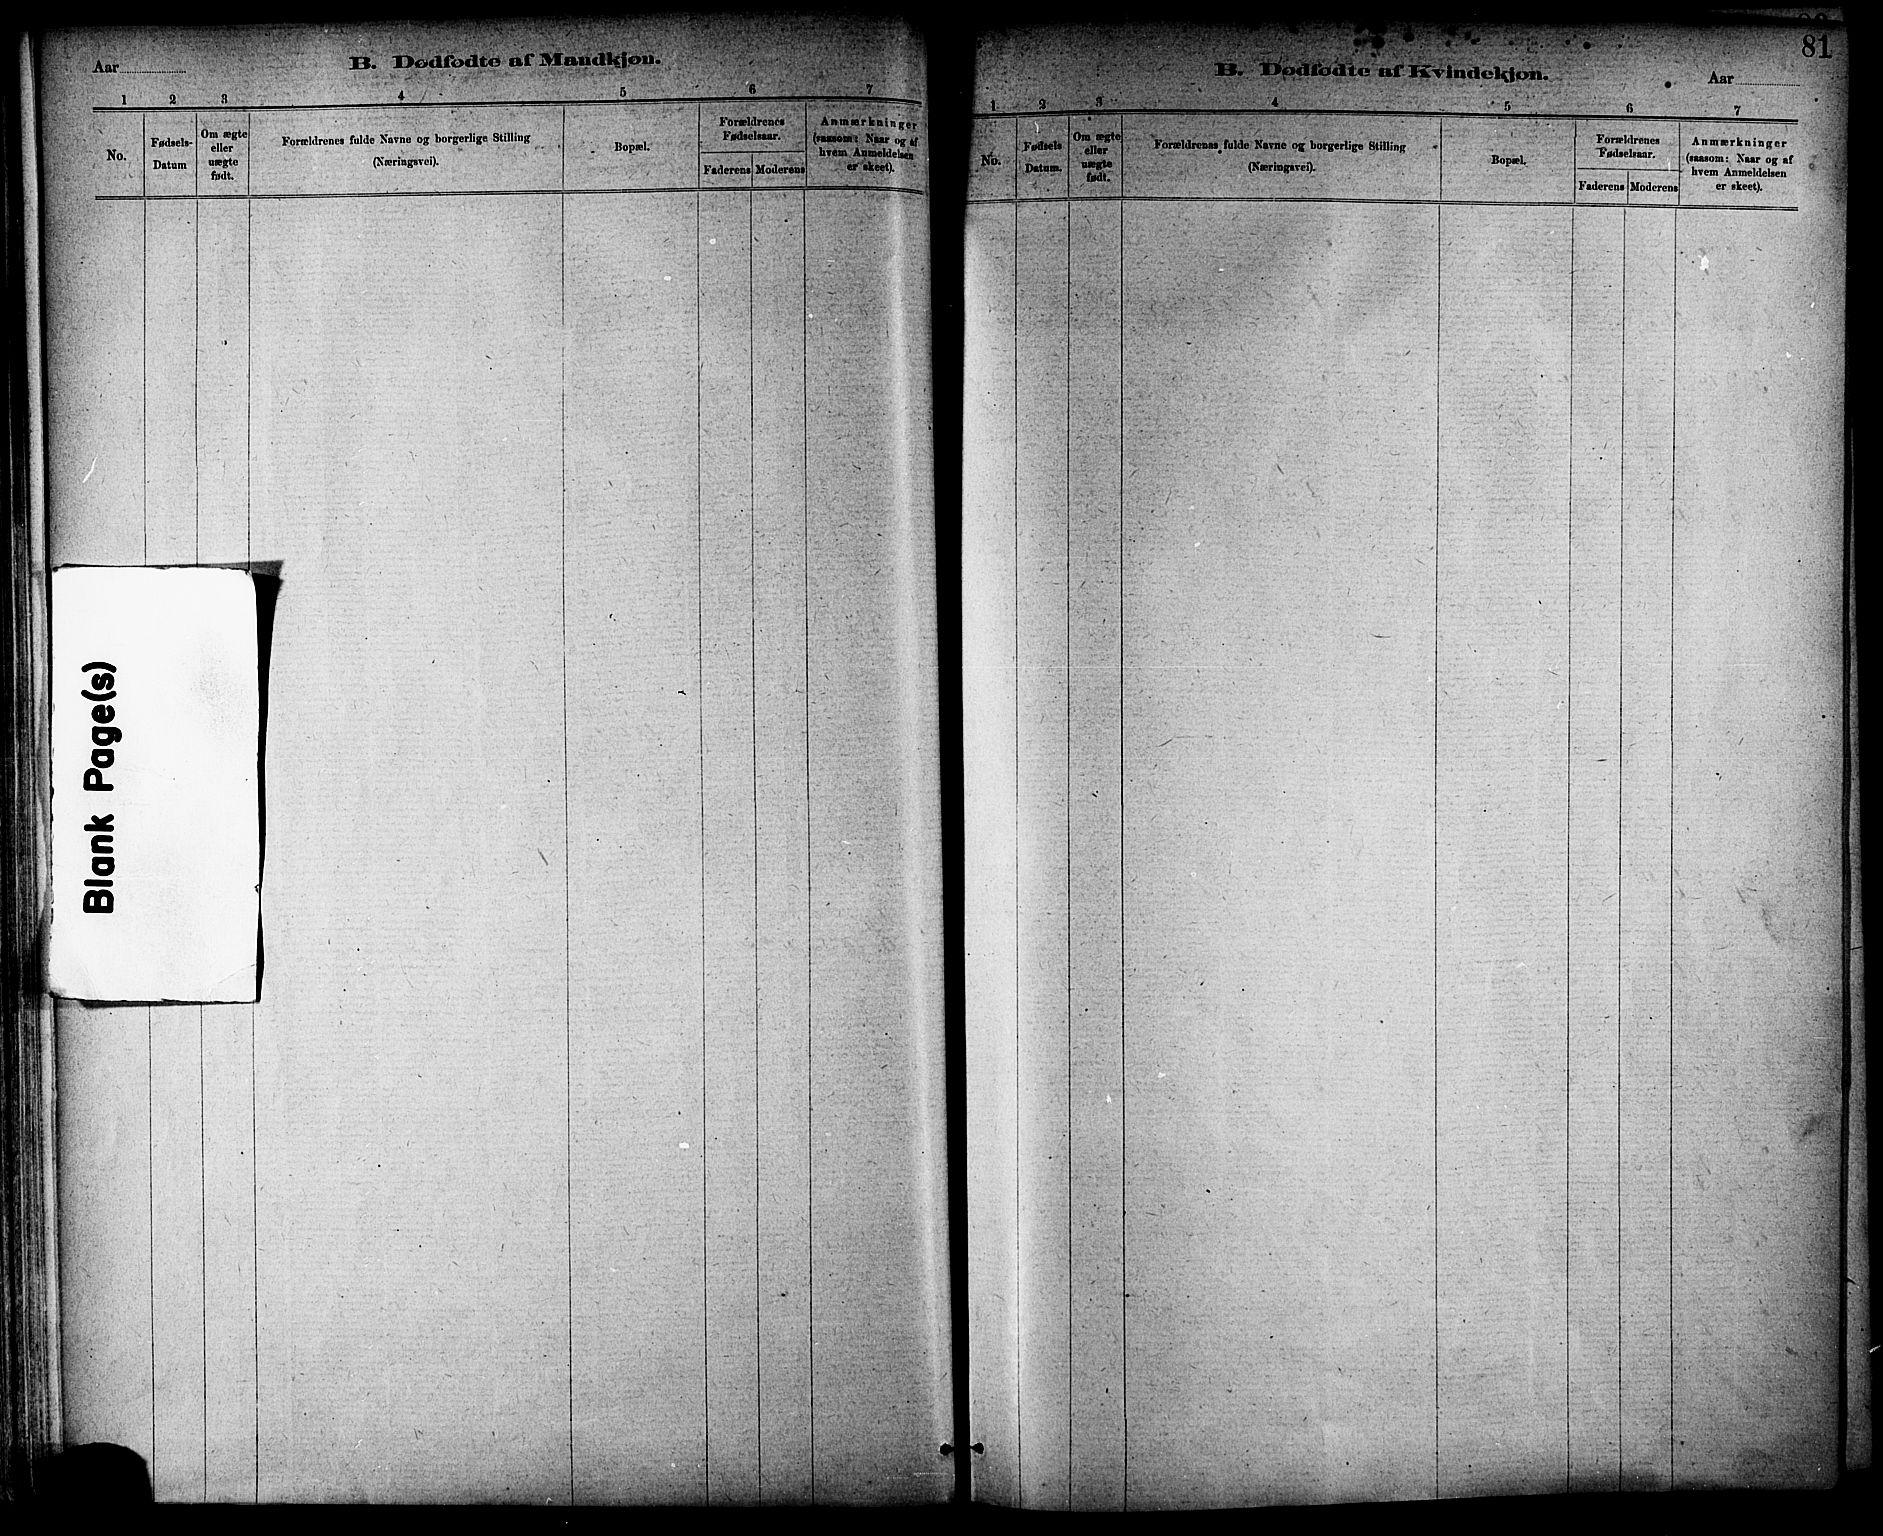 SAT, Ministerialprotokoller, klokkerbøker og fødselsregistre - Nord-Trøndelag, 703/L0030: Ministerialbok nr. 703A03, 1880-1892, s. 81